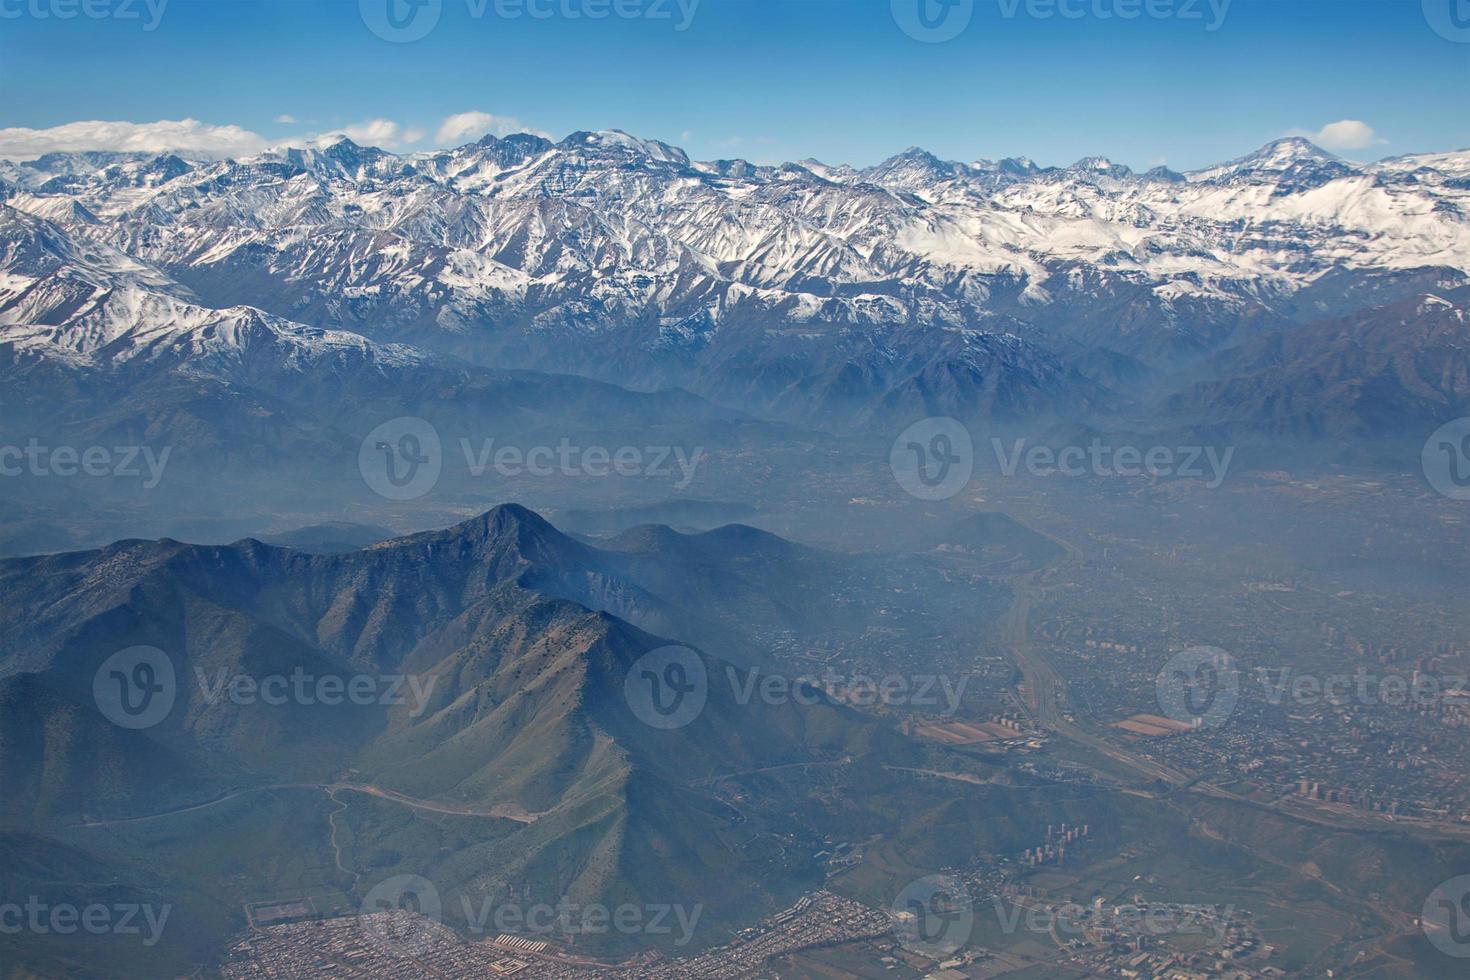 Luftaufnahme von Anden und Santiago mit Smog, Chile foto